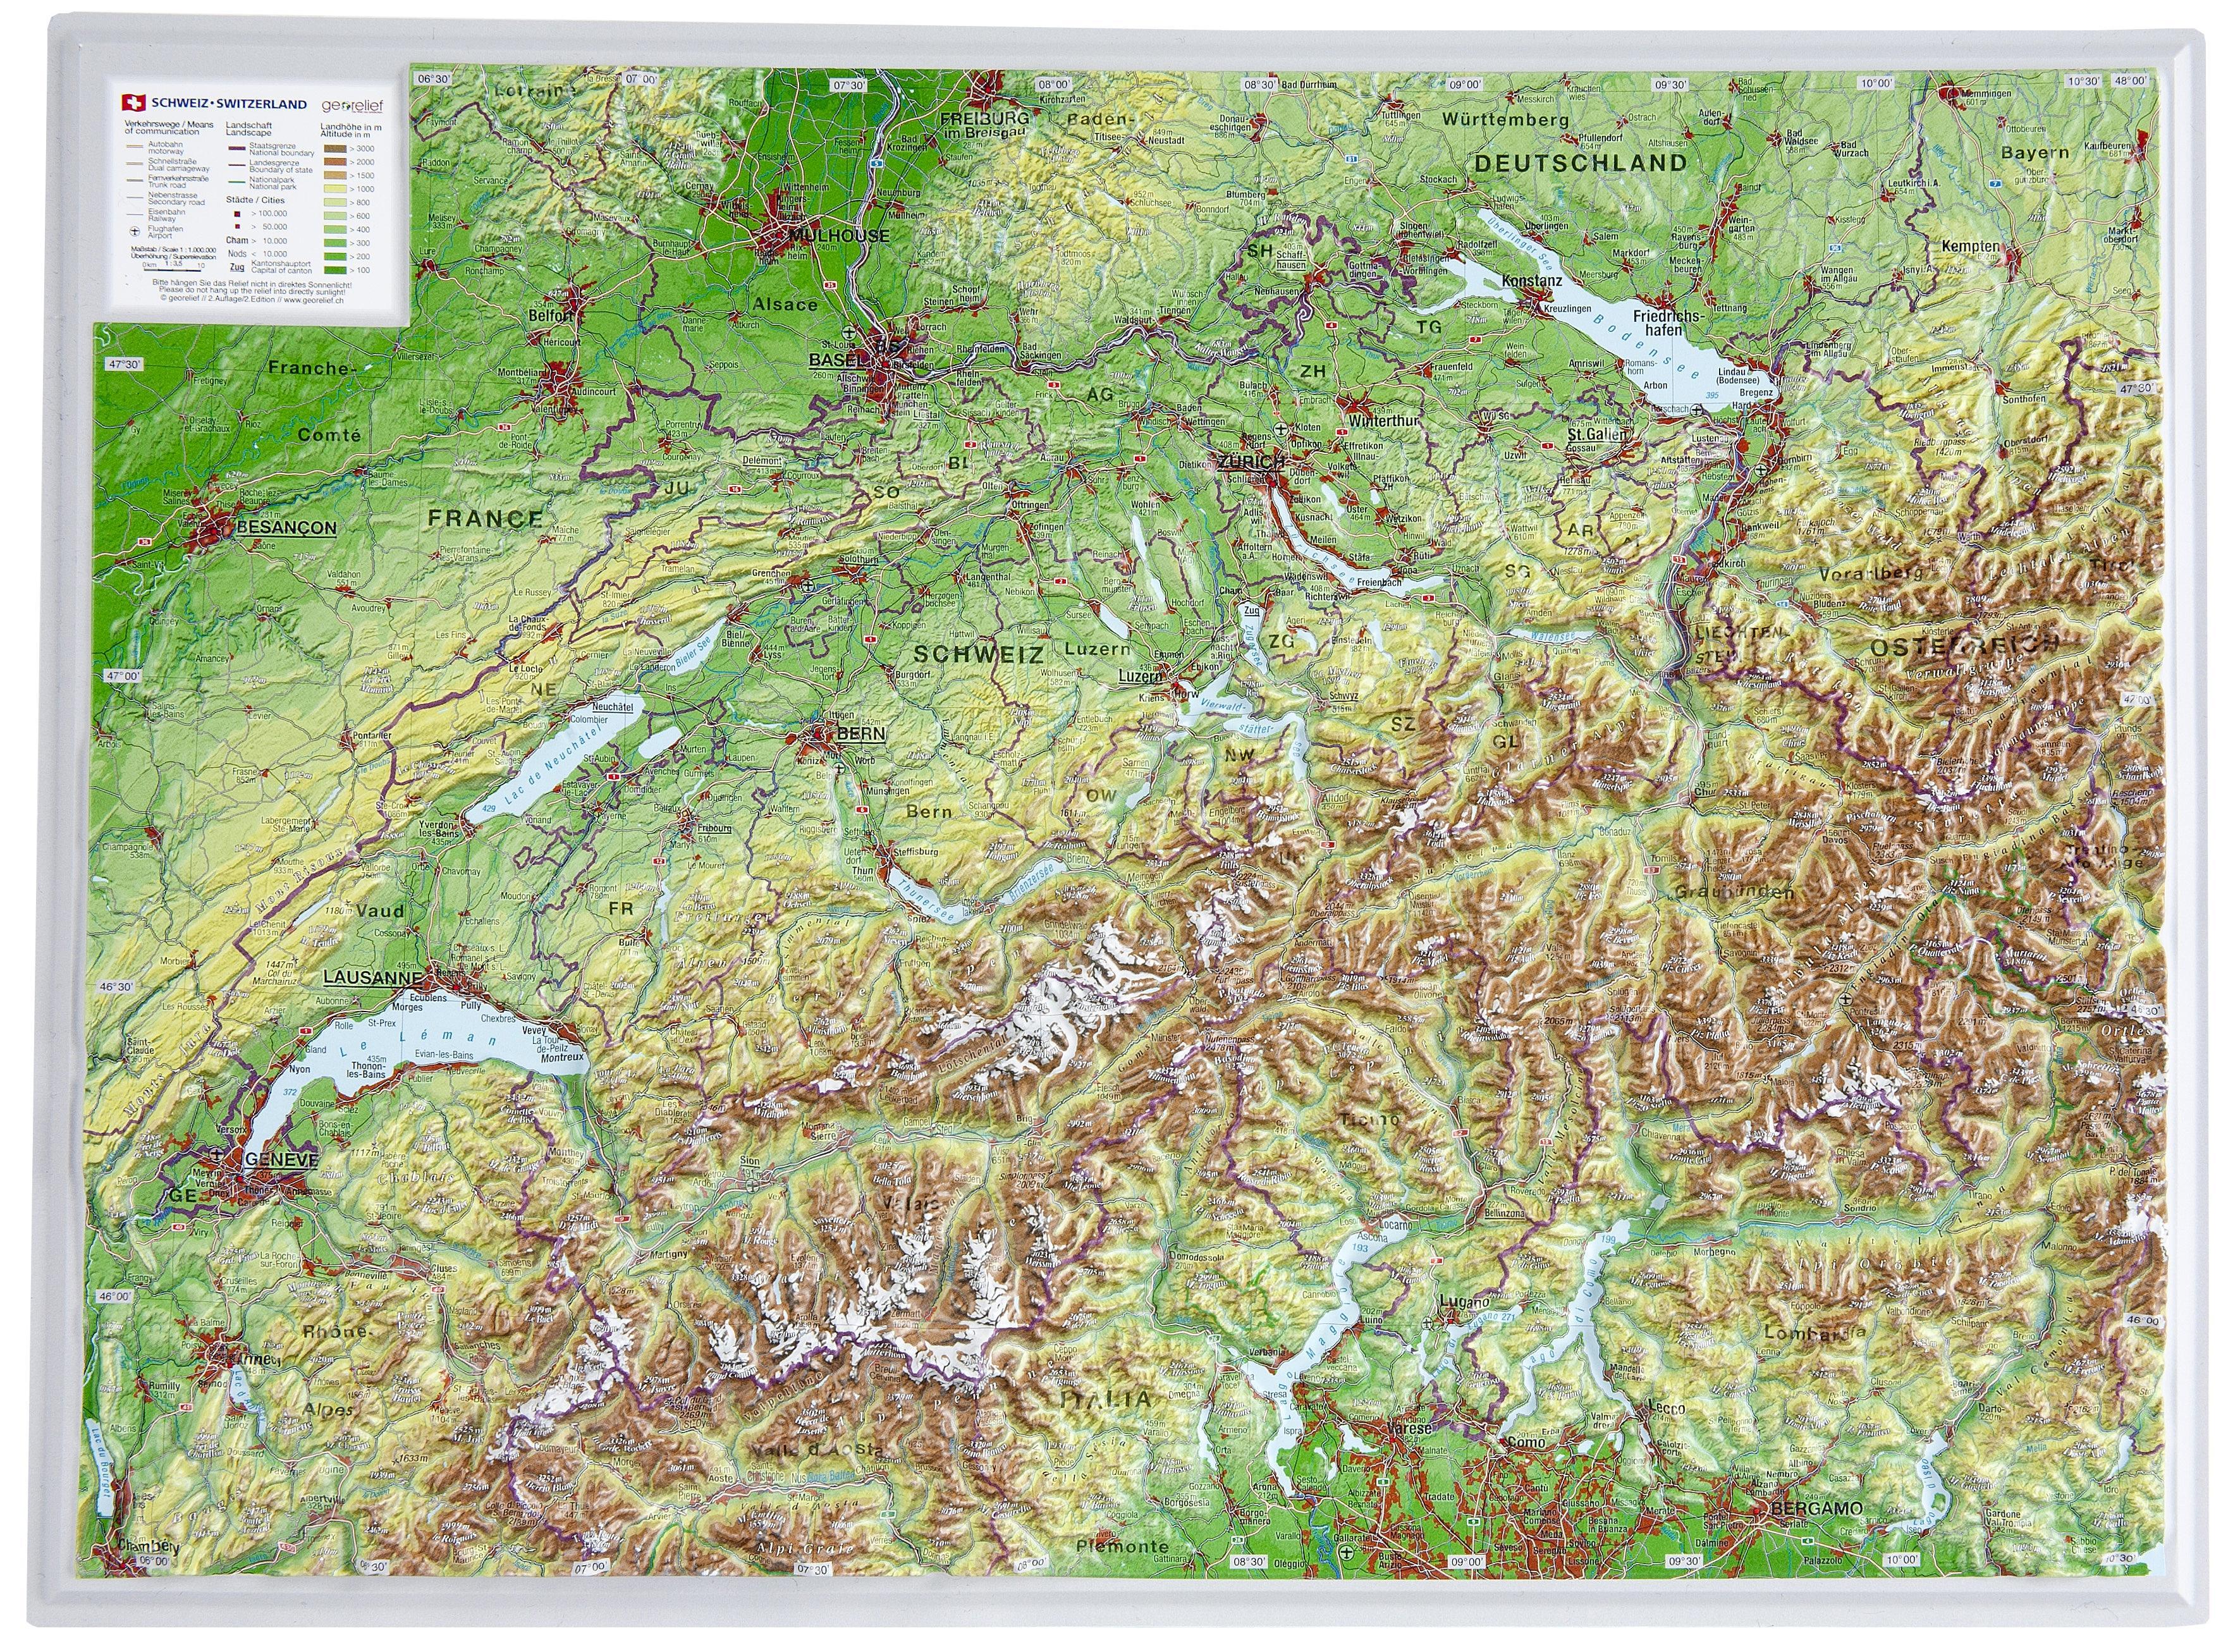 La Svizzera Cartina.Svizzera 3d Mappa Cartina Della Svizzera 3d Europa Occidentale Europa